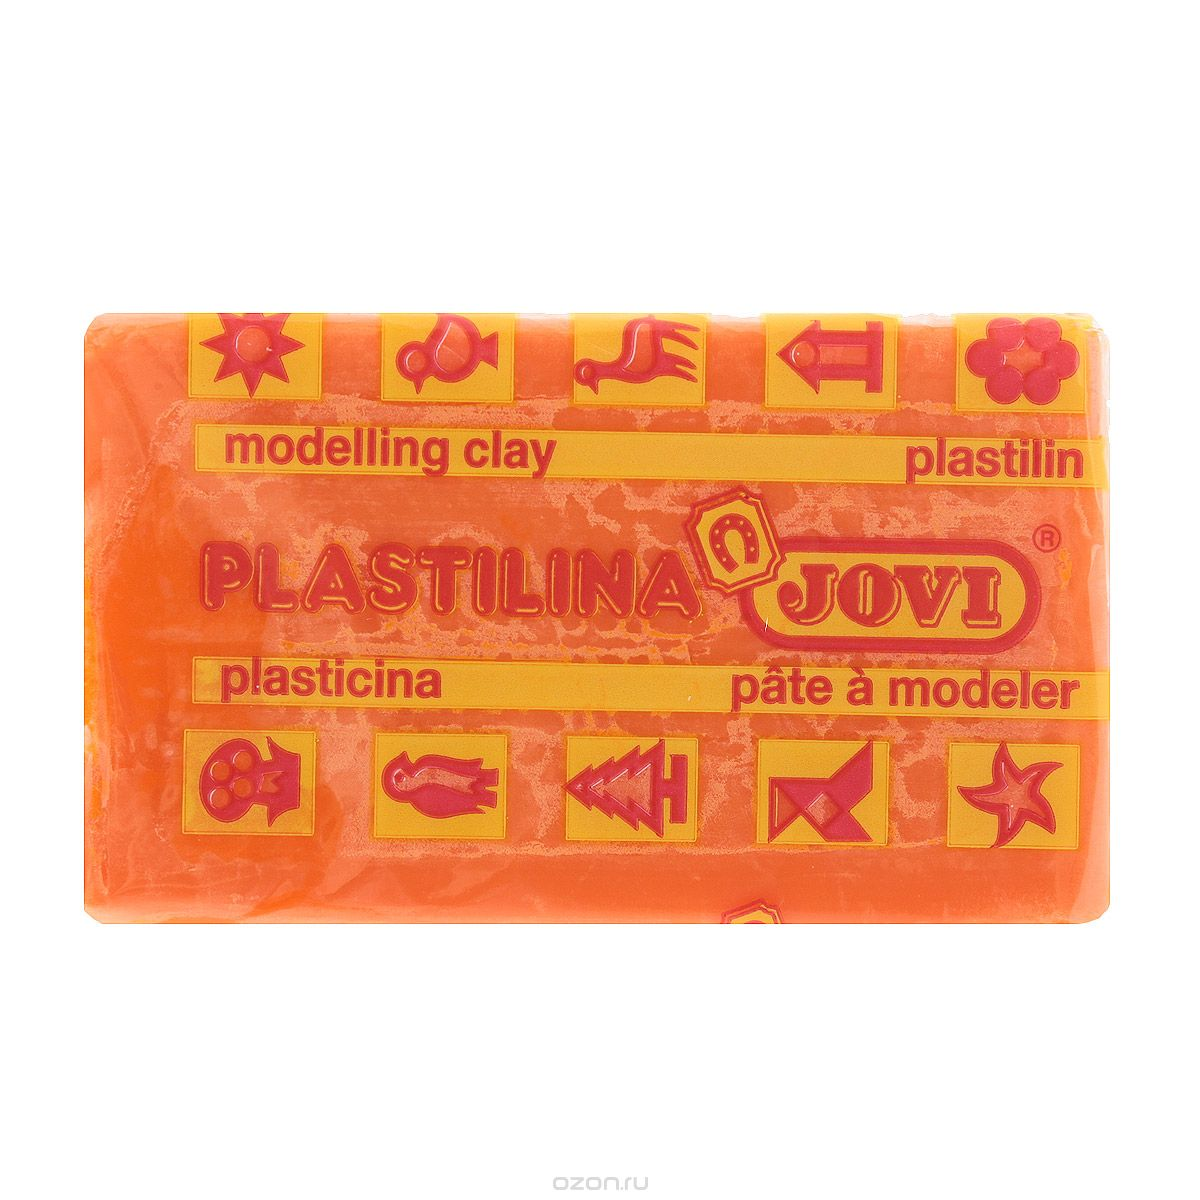 Jovi Пластилин, цвет: оранжевый, 50 г7004U_оранжевыйПластилин Jovi - лучший выбор для лепки, он обладает превосходными изобразительными возможностями и поэтому дает простор воображению и самым смелым творческим замыслам. Пластилин, изготовленный на растительной основе, очень мягкий, легко разминается и смешивается, не пачкает руки и не прилипает к рабочей поверхности. Пластилин пригоден для создания аппликаций и поделок, ручной лепки, моделирования на каркасе, пластилиновой живописи - рисовании пластилином по бумаге, картону, дереву или текстилю. Пластические свойства сохраняются в течение 5 лет.